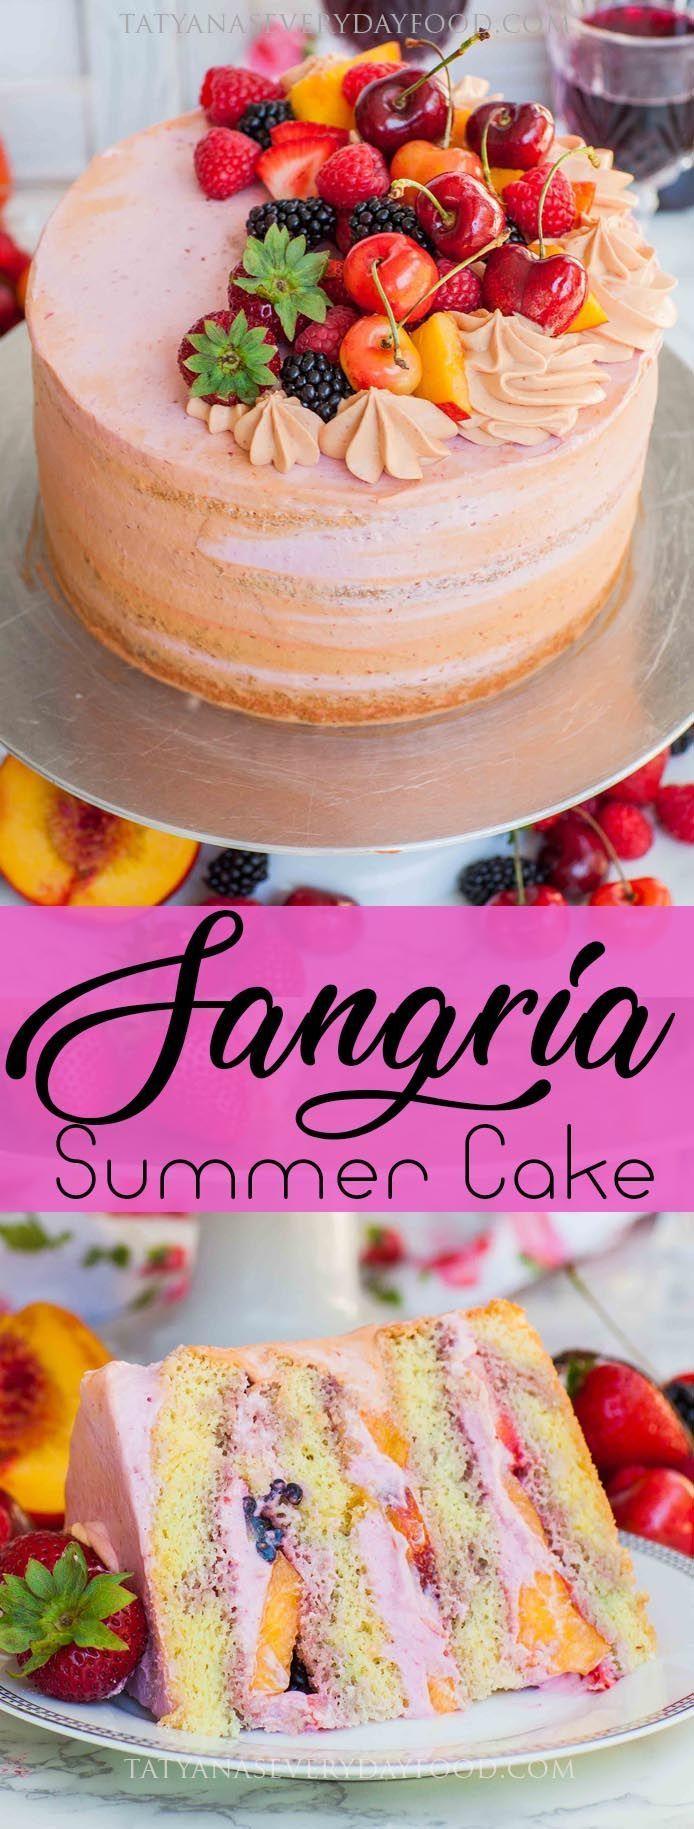 Sommerfrucht Sangria Kuchen Rezept (Video) – Veganize this – Zeig uns deine vegane Version